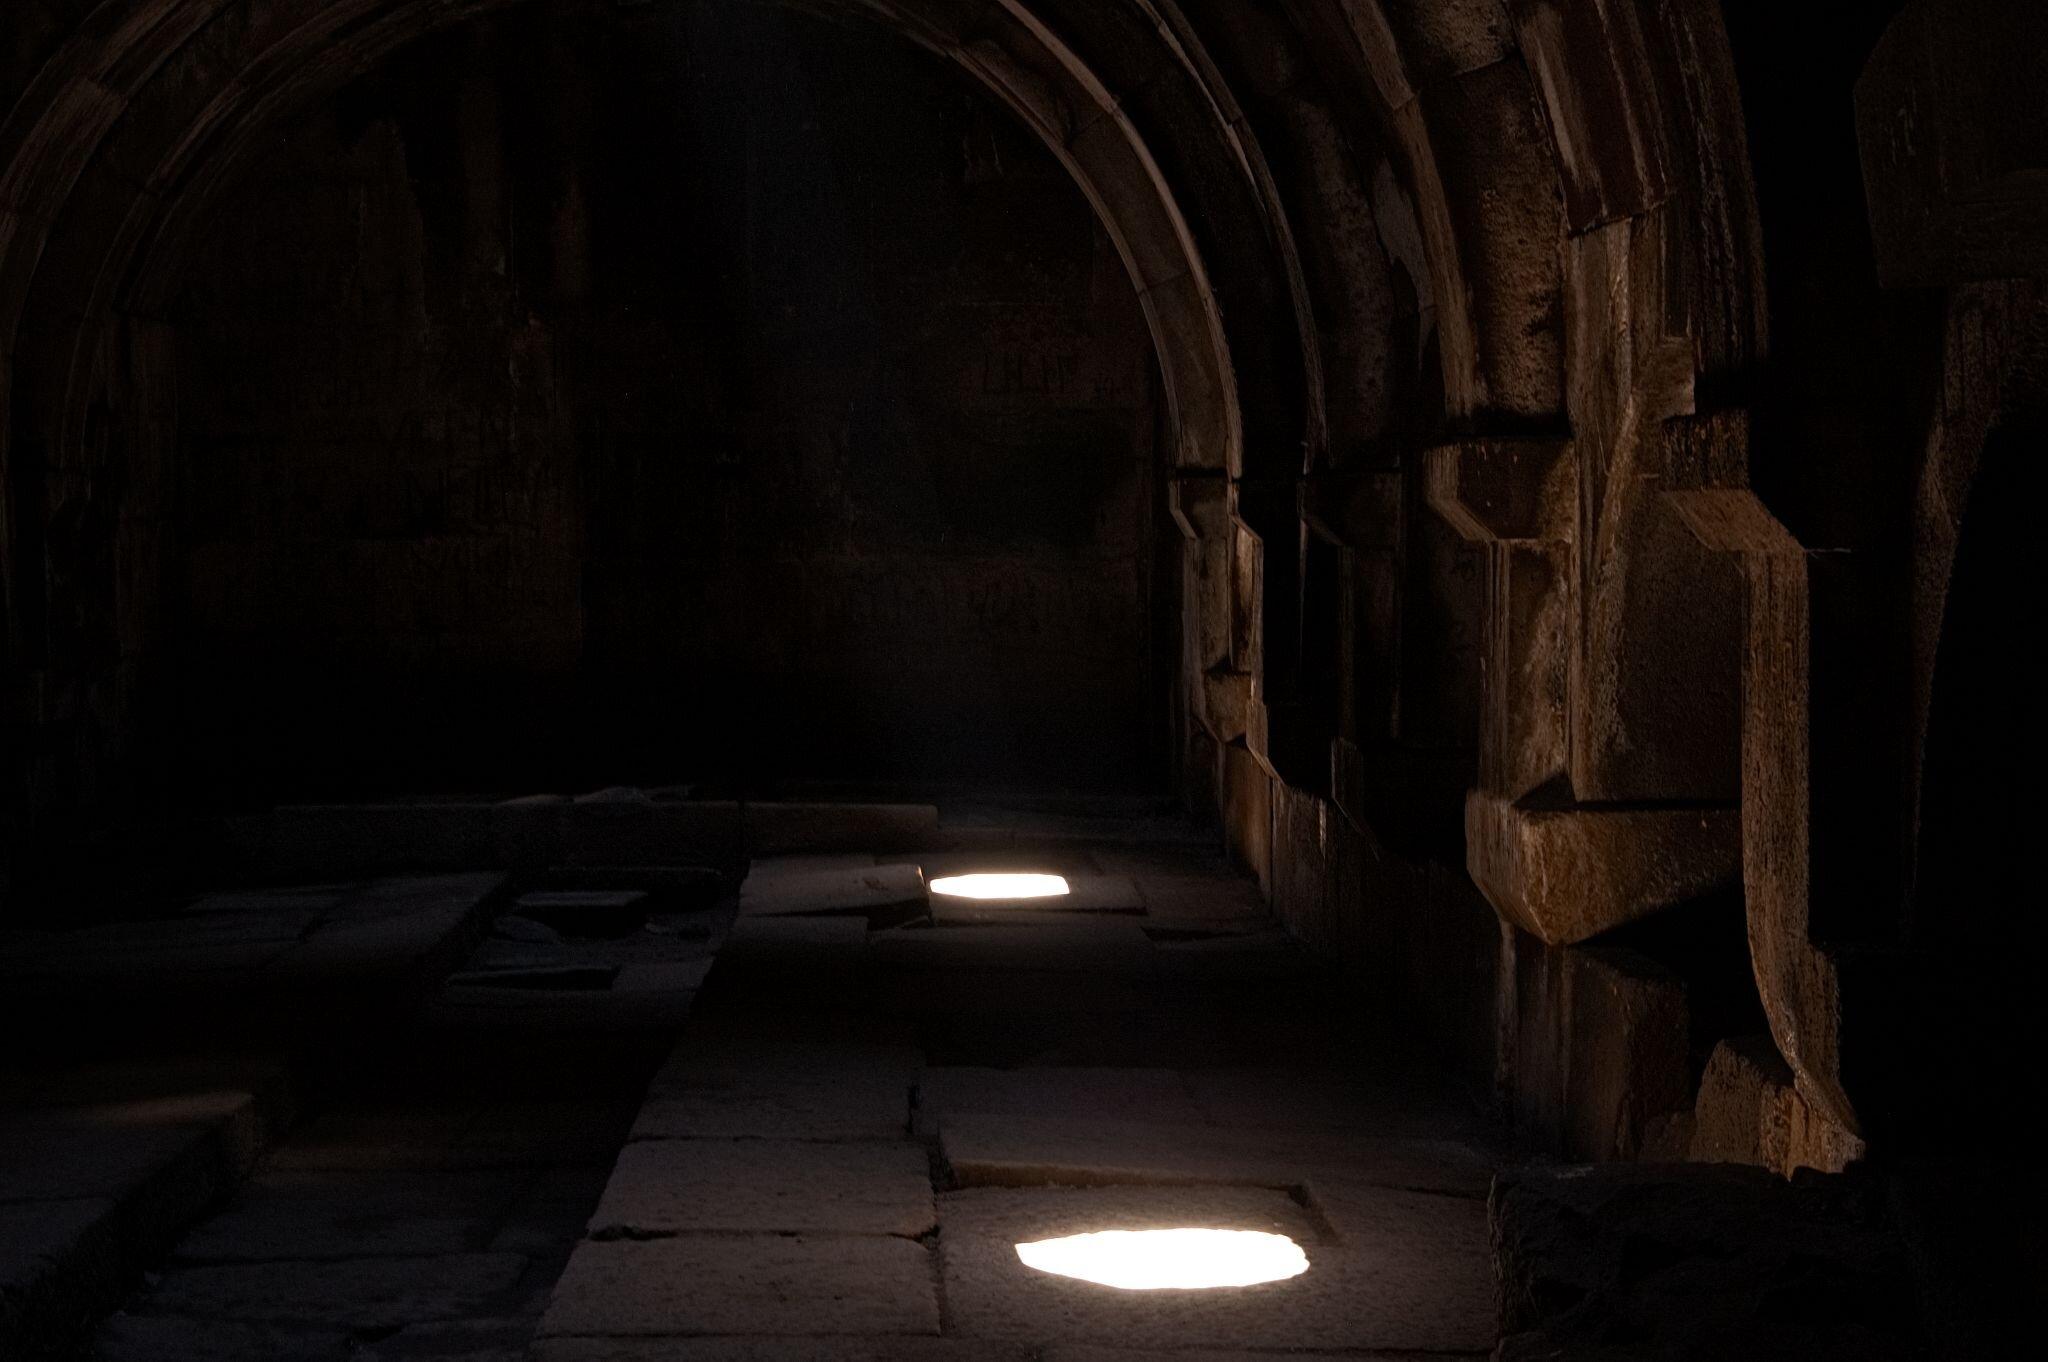 Lichtkegel in einer Karawanserei